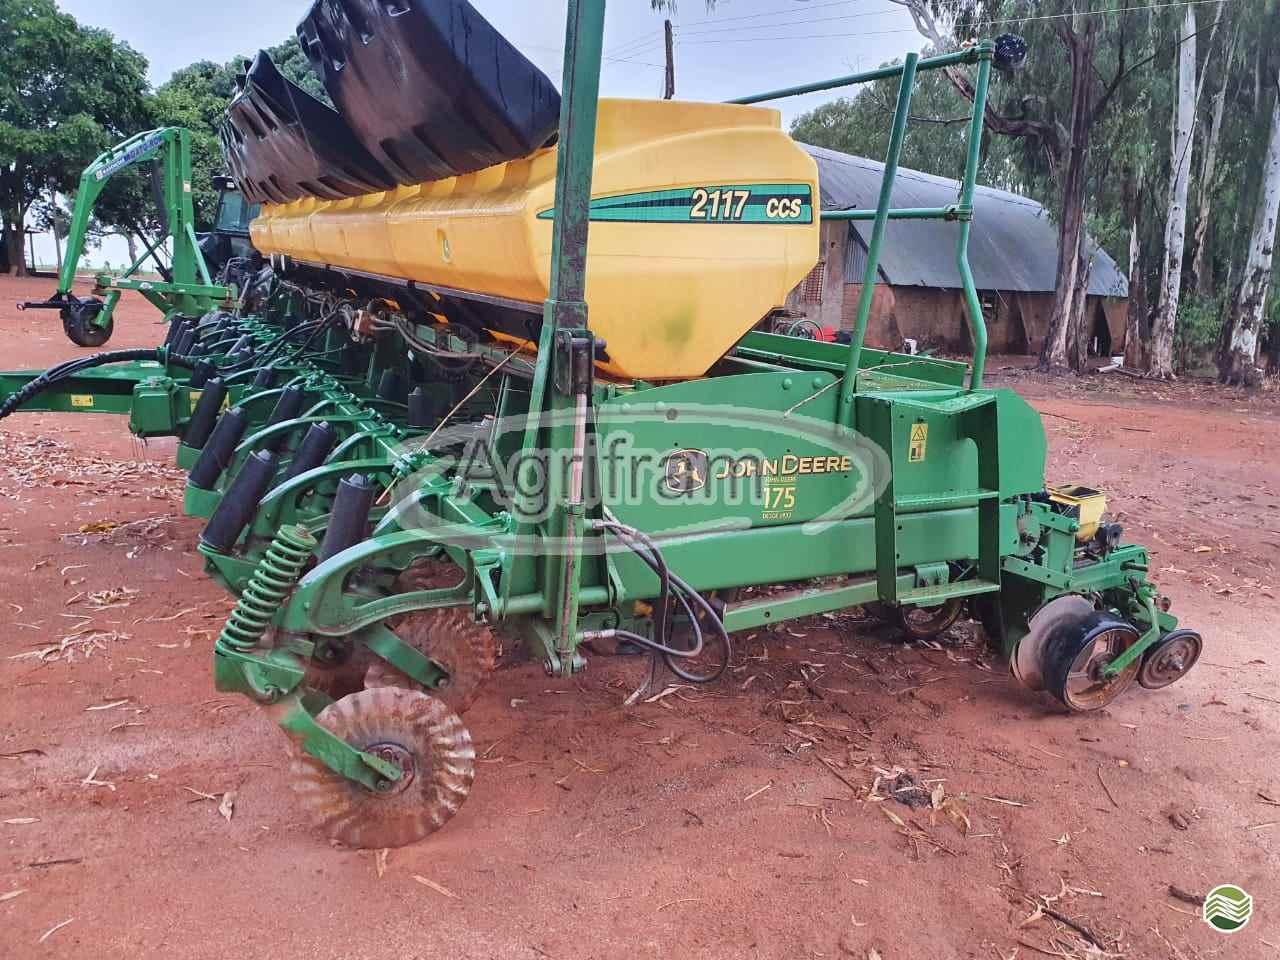 PLANTADEIRA JOHN DEERE PLANTADEIRAS 2117 Agrifram Máquinas e Soluções Agrícolas LUIS EDUARDO MAGALHAES BAHIA BA